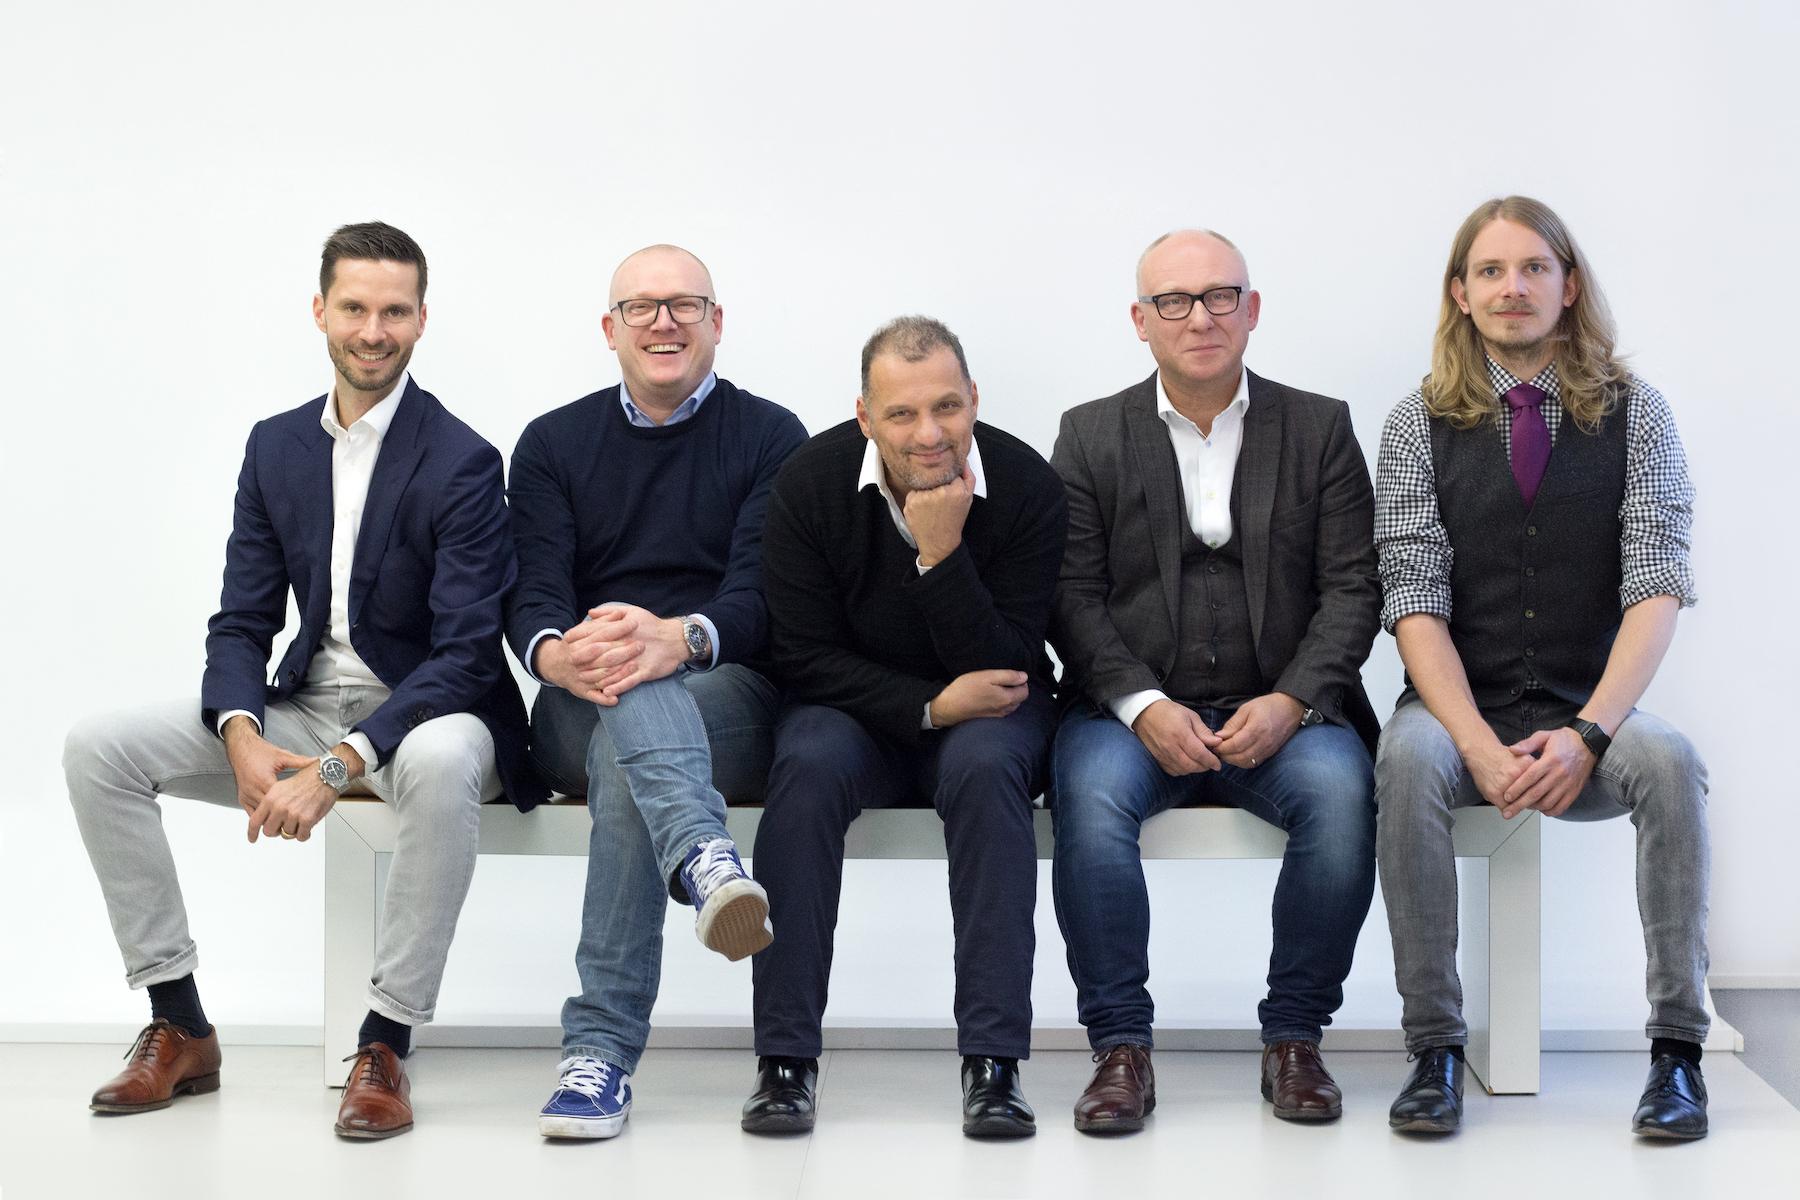 popop-agency-team.jpg